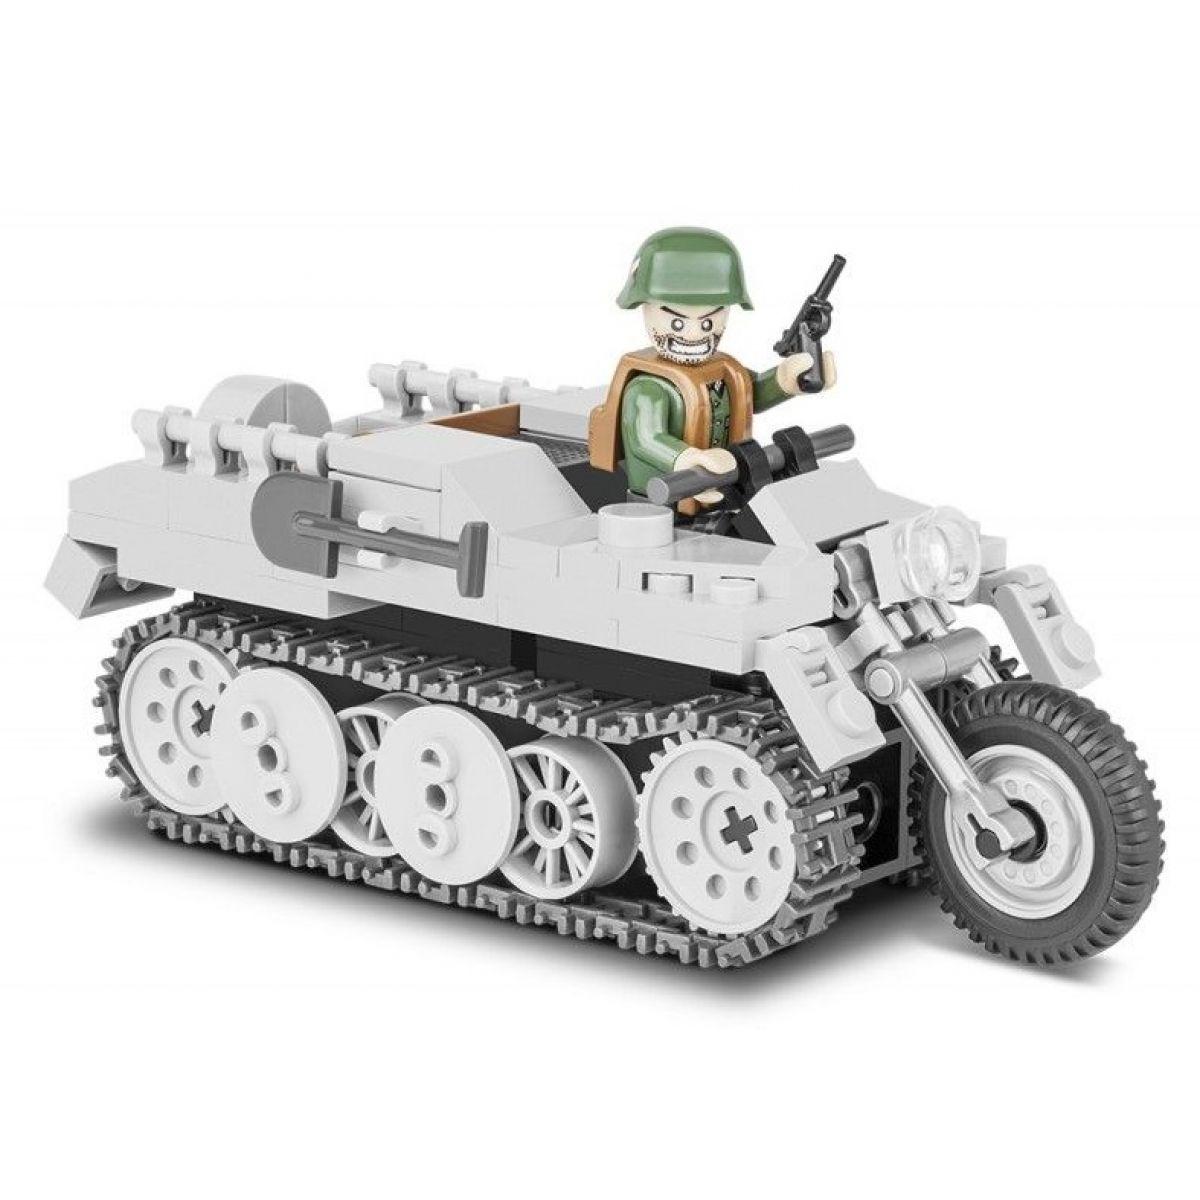 Cobi 2168 SMALL ARMY II WW SdKfsz 2 NSU HK-101 200 k 1 f